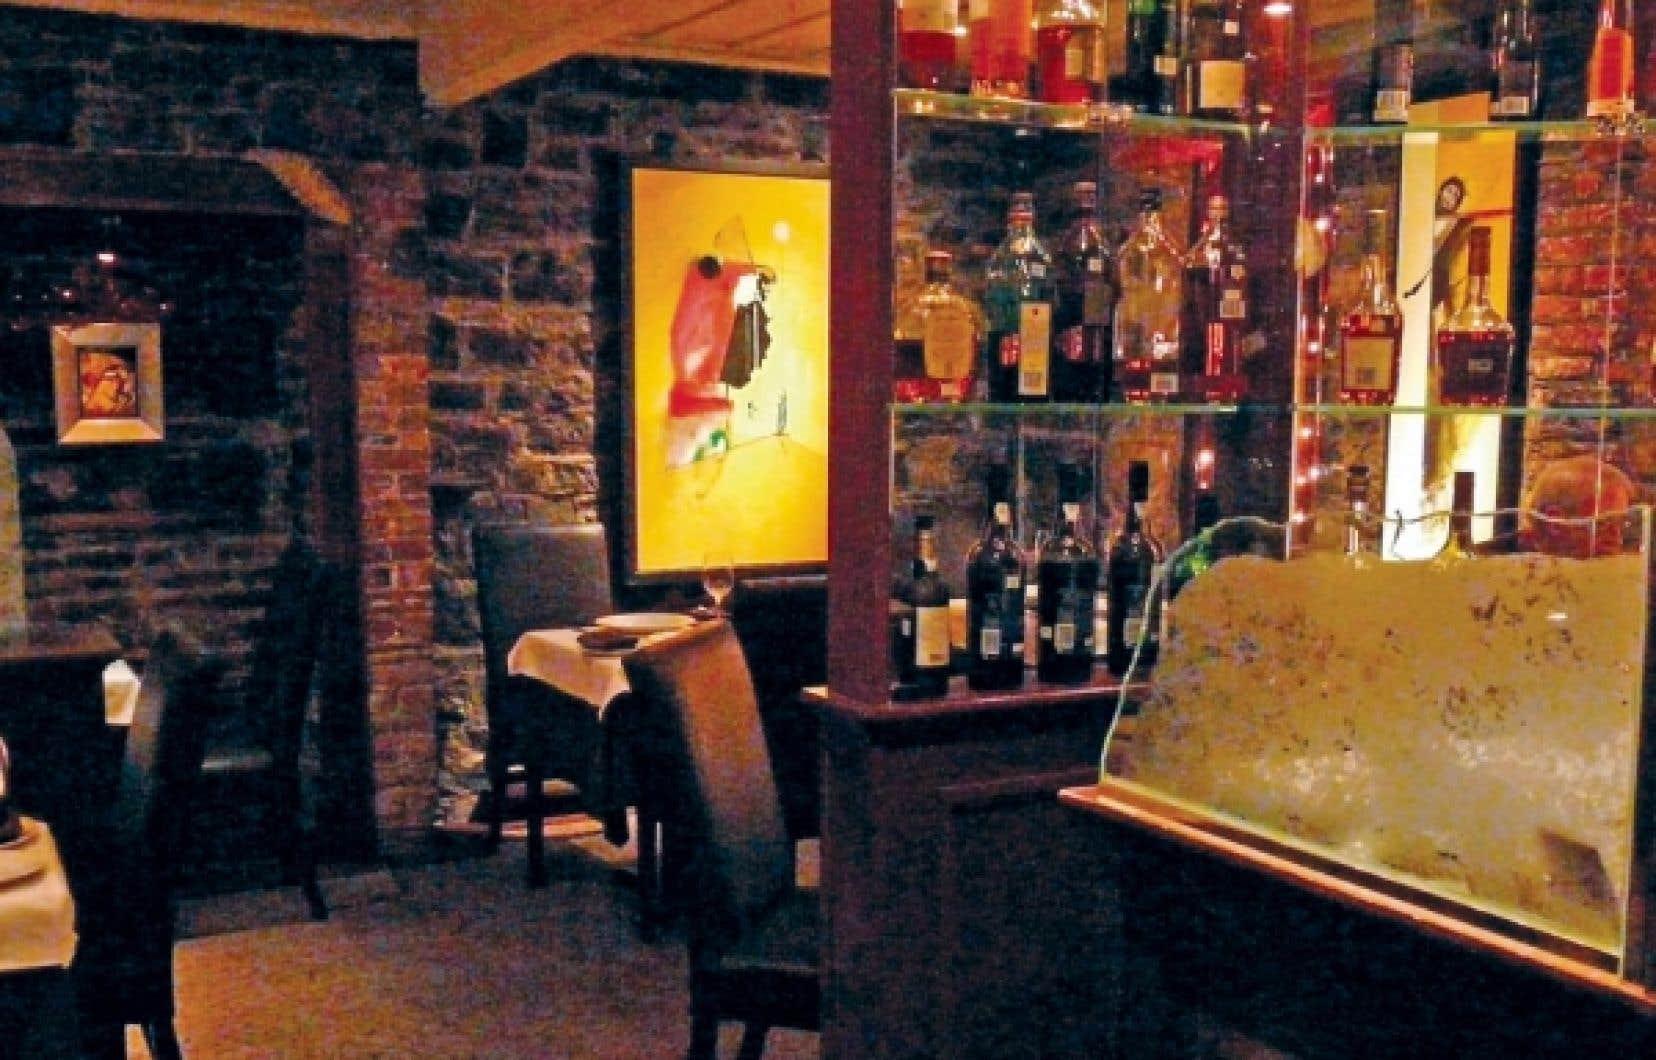 Le Patriarche, dans le Vieux-Québec, est un restaurant exceptionnel, de l'accueil à la présentation des mets en passant par le service aux tables.<br />